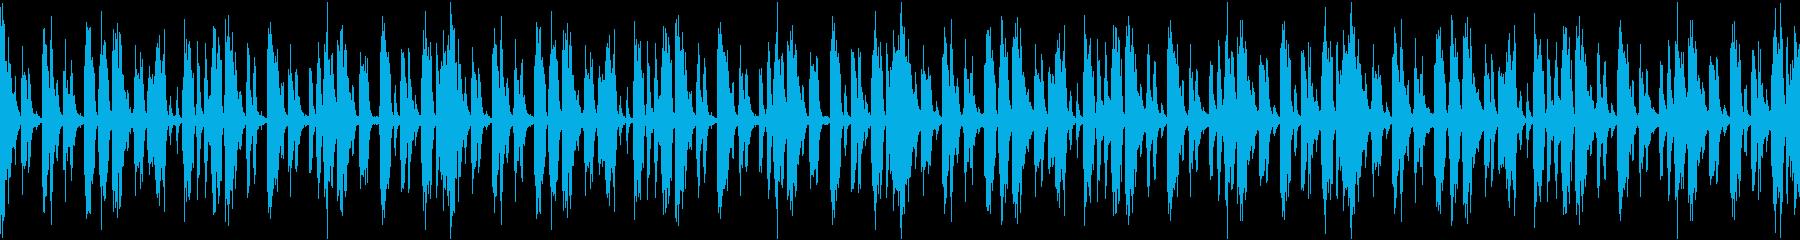 無機質なテクスチャー系ドラムループの再生済みの波形